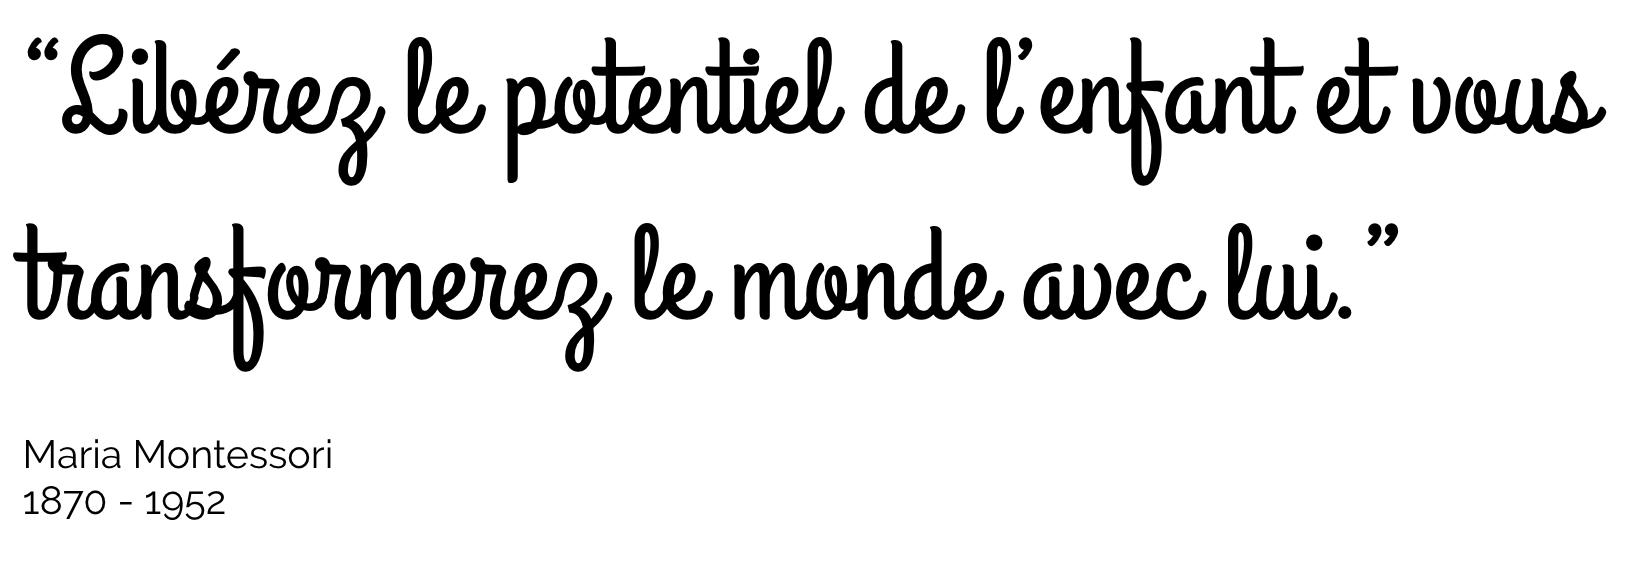 Maria_Montessori__la_meilleure_product_owner_au_monde_-_Google_Slides.png